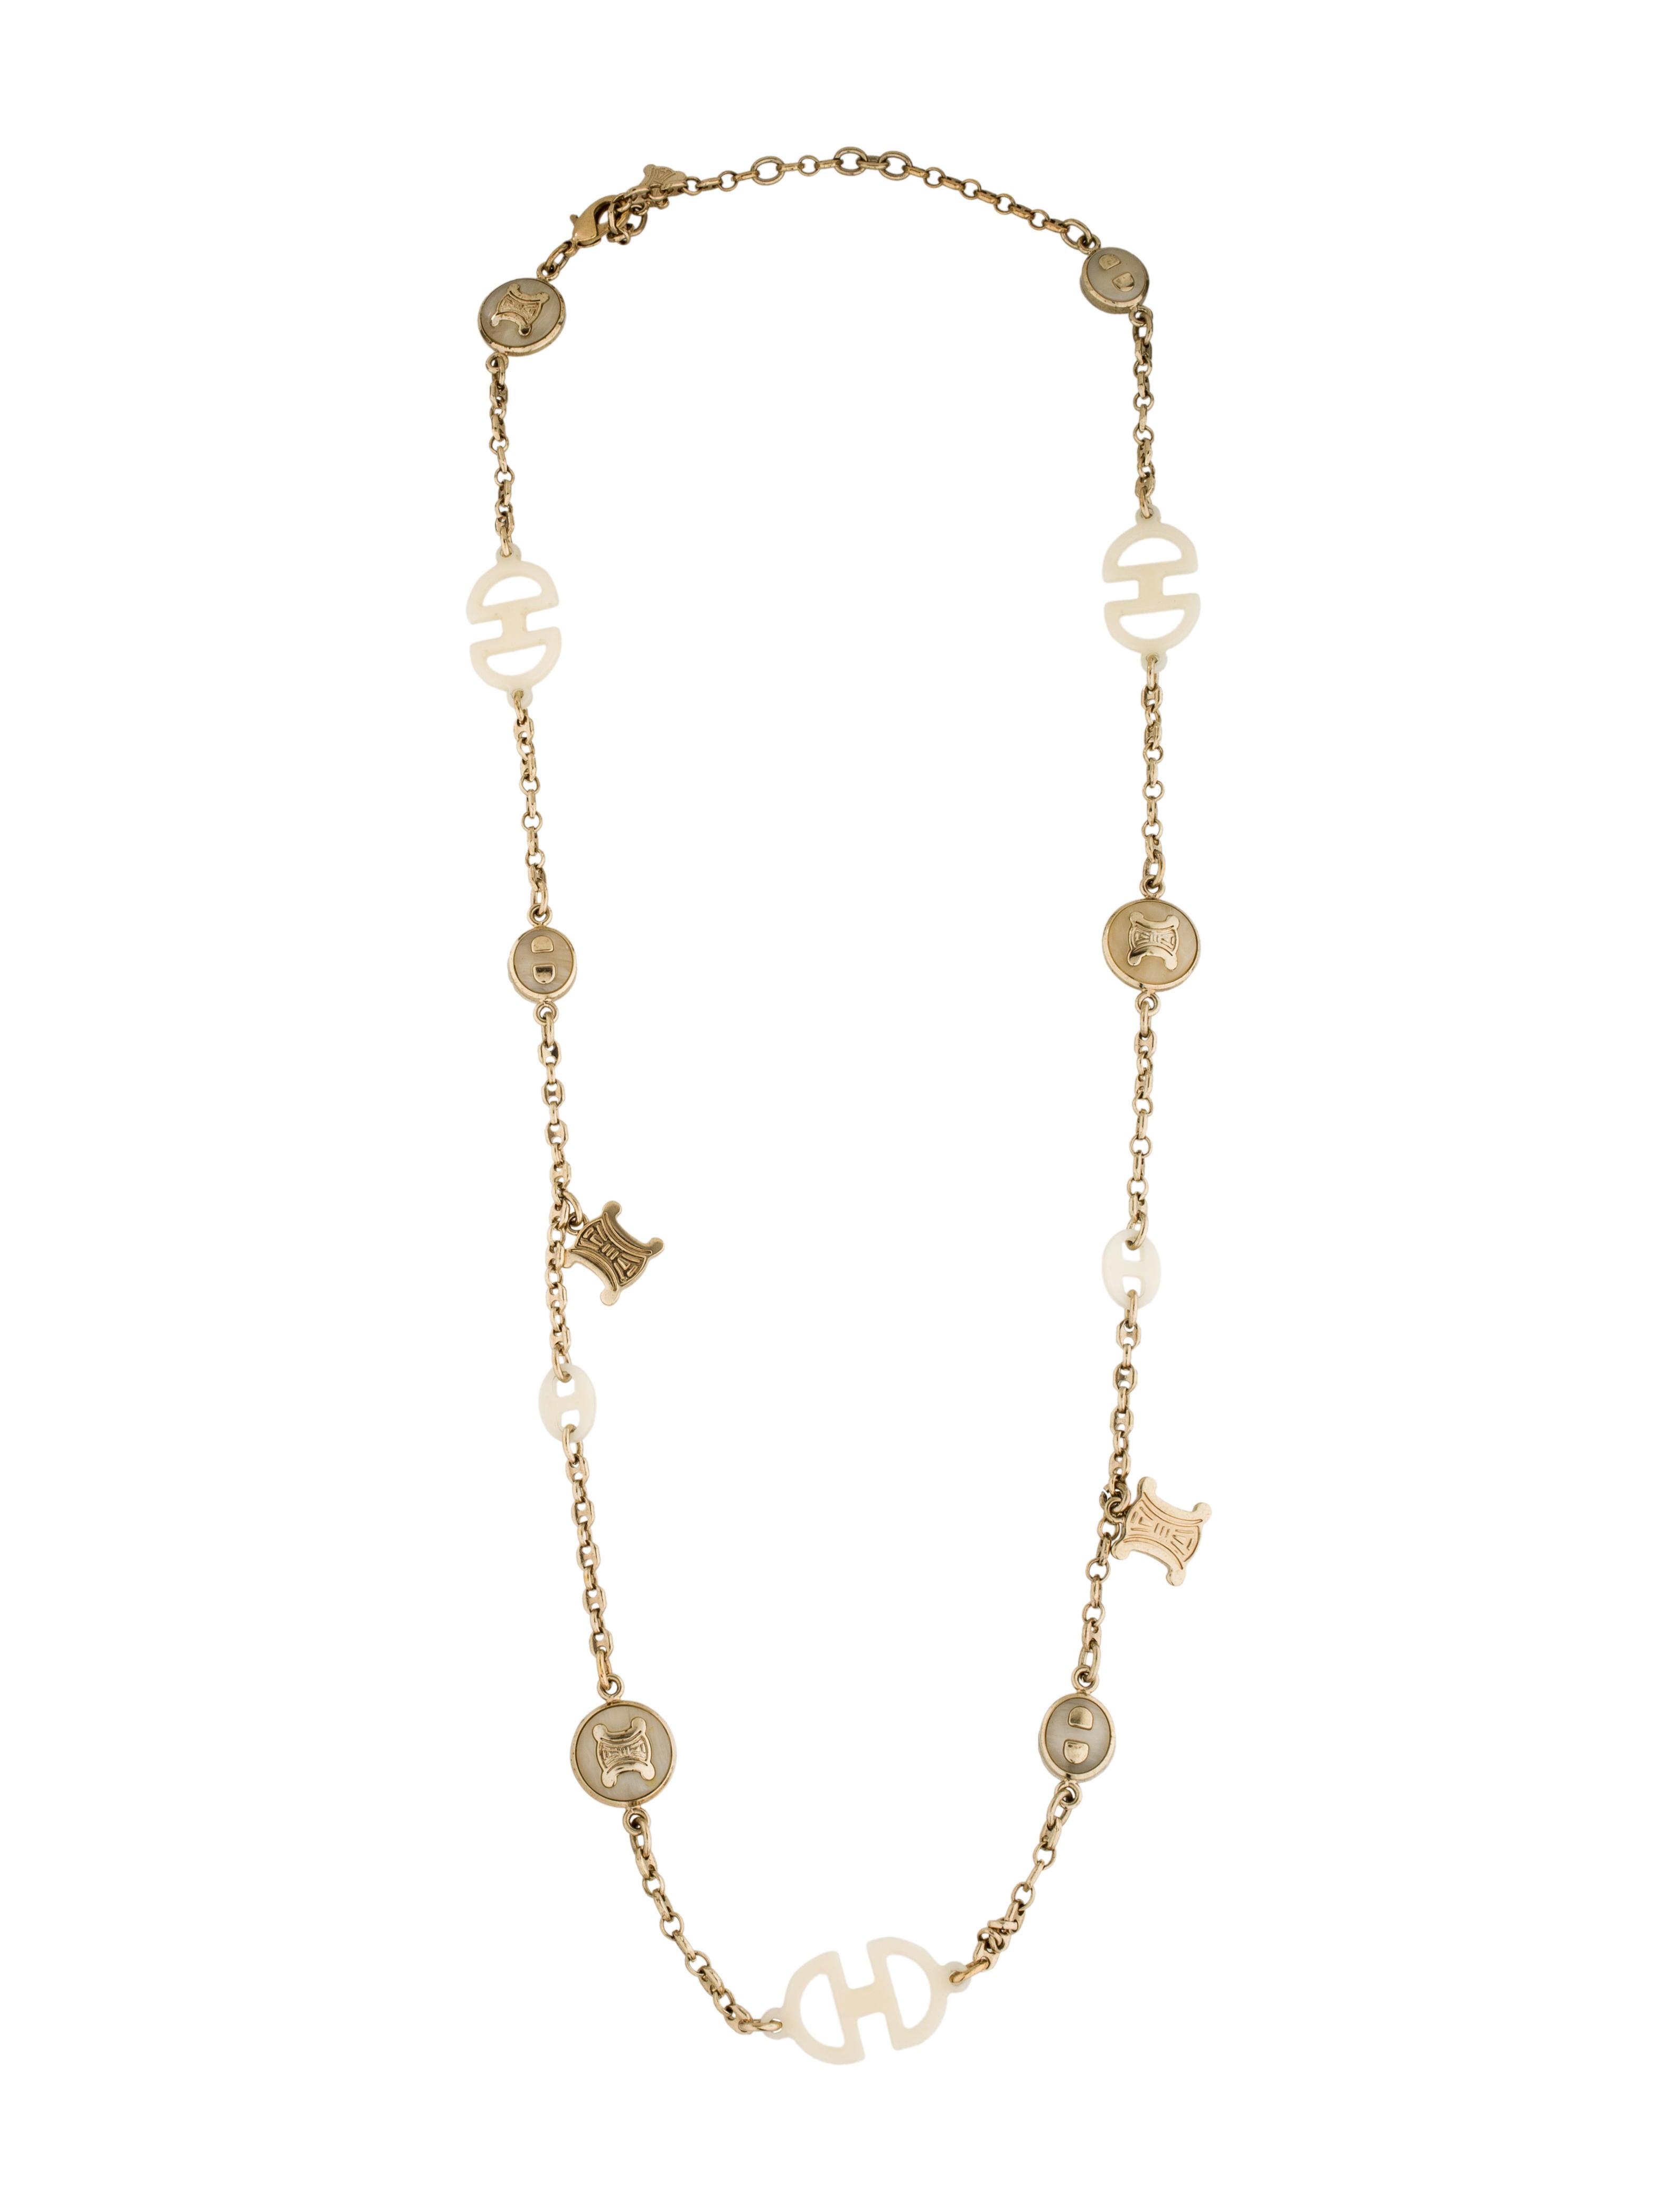 8b55cc403c Celine Necklace M